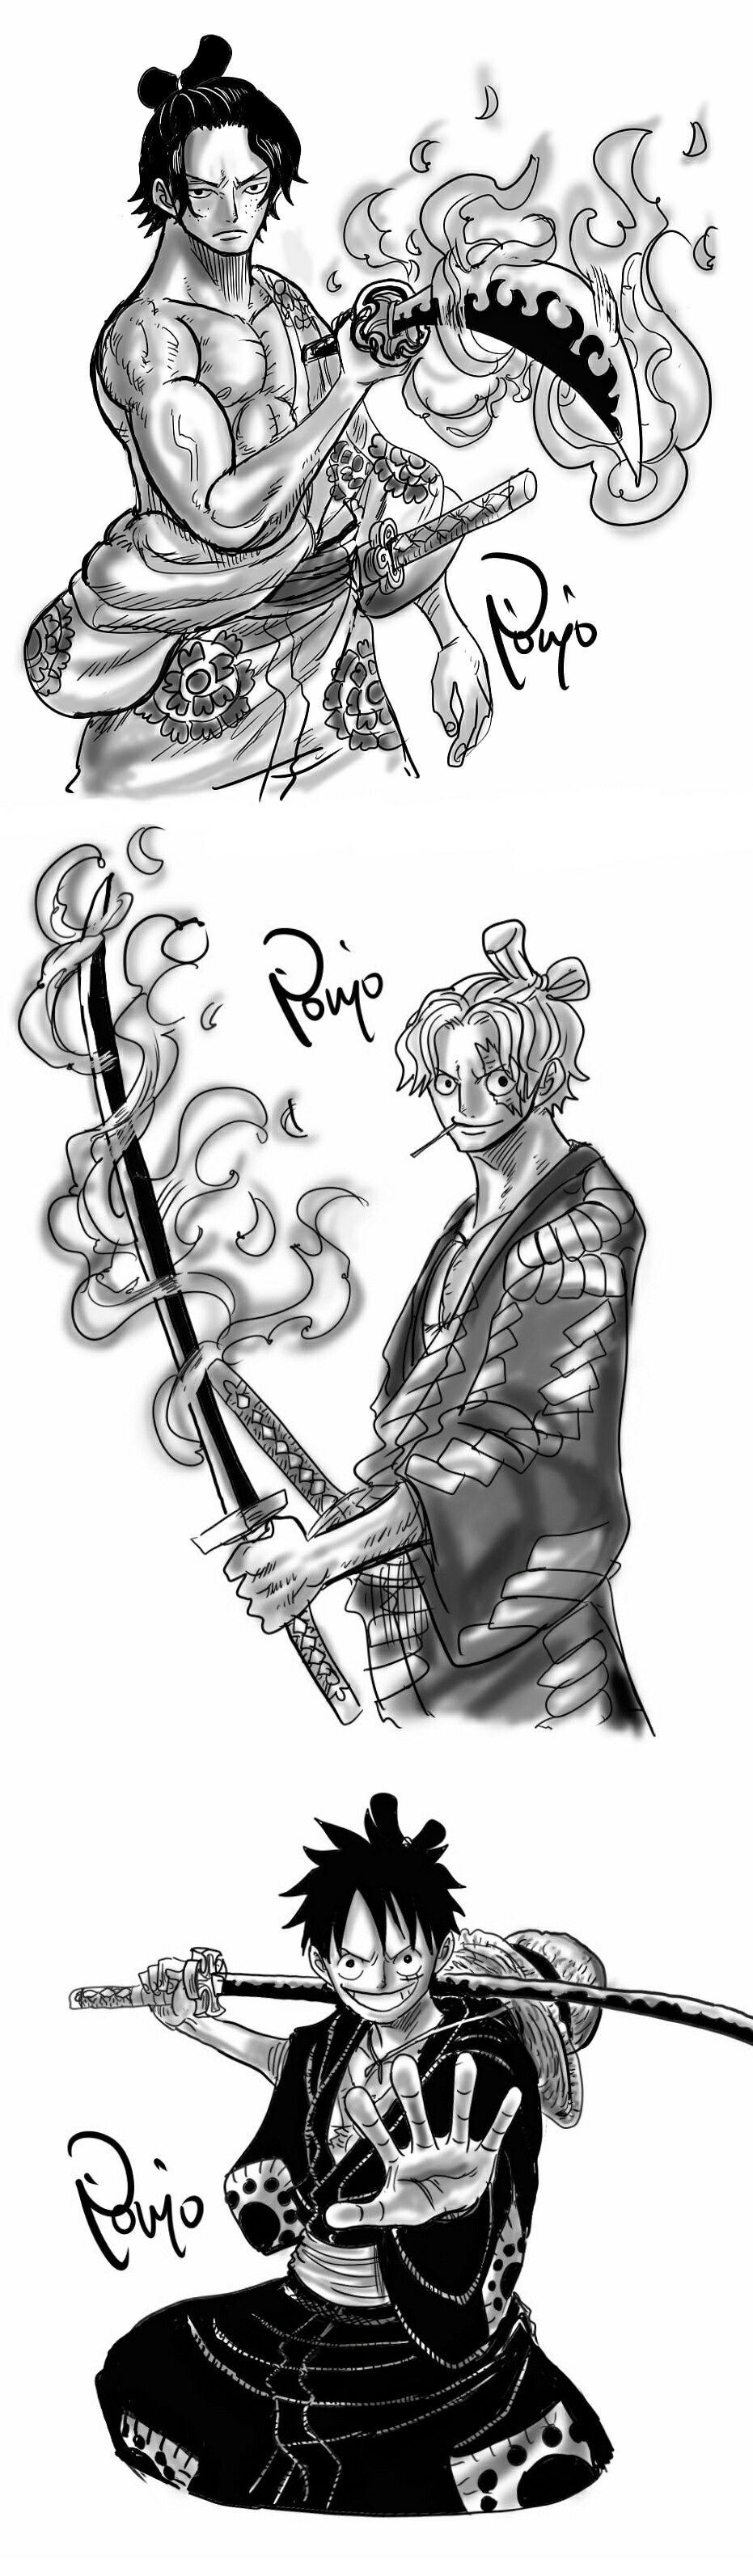 Zoro One Piece Aesthetic